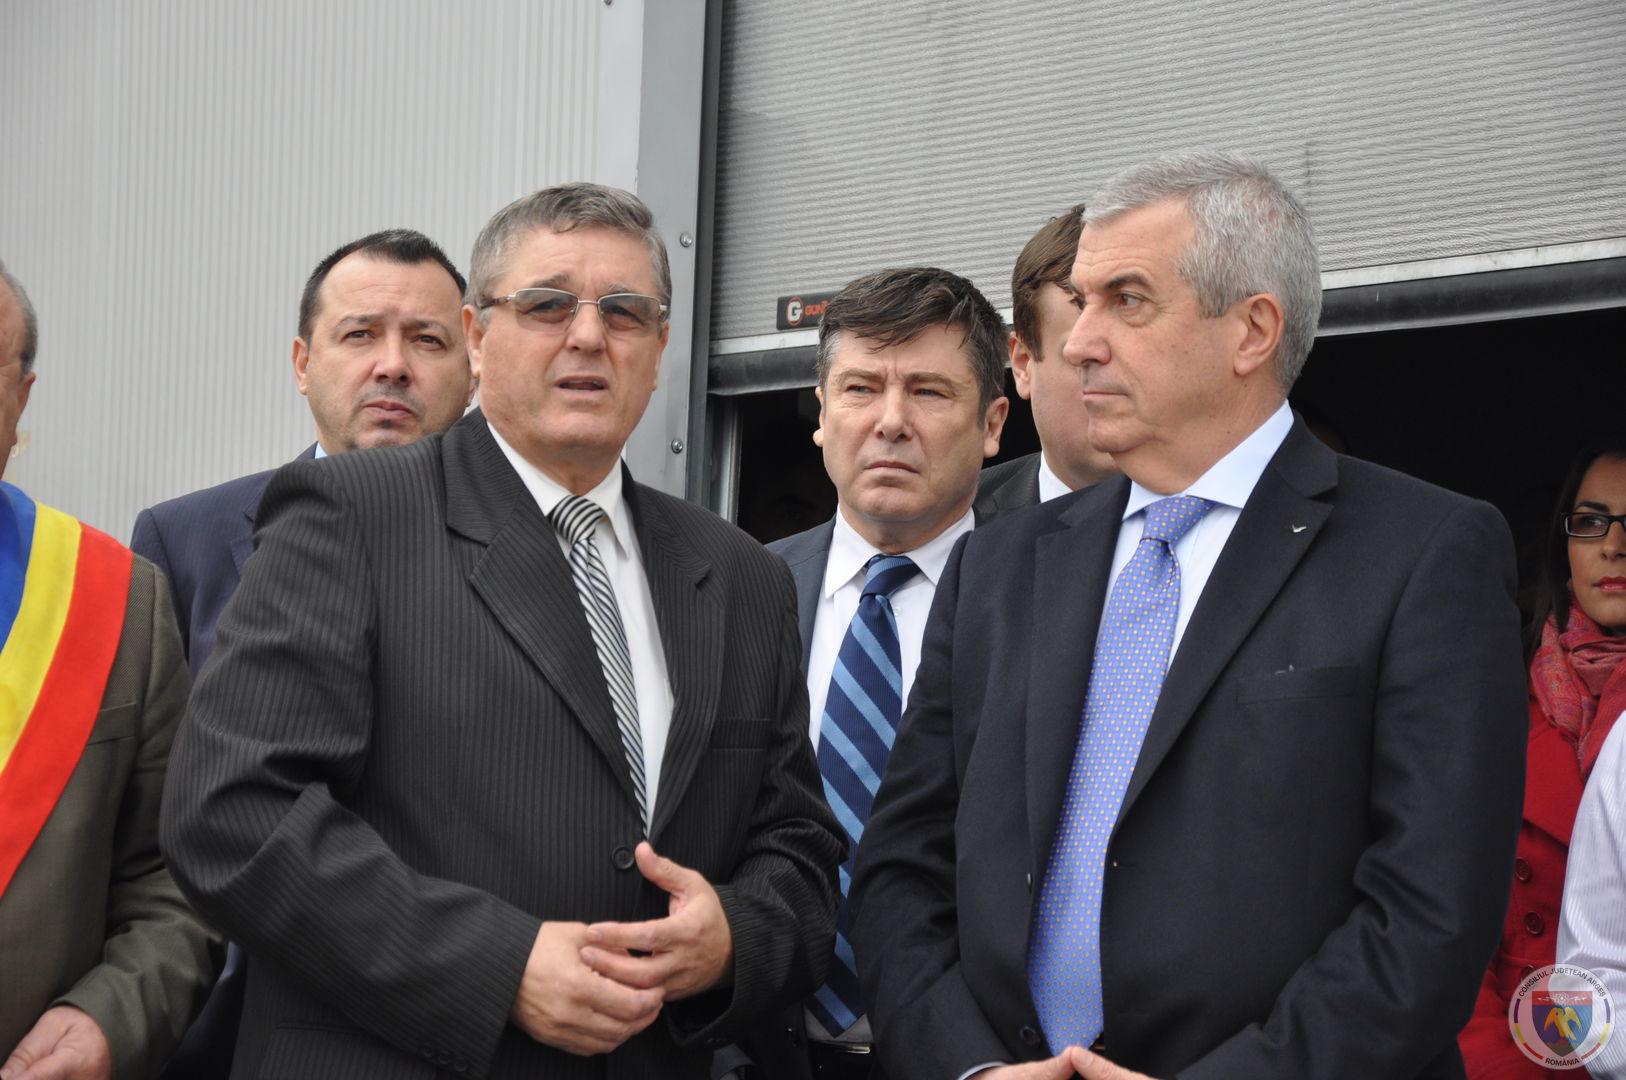 Vizita Calin Popescu Tariceanu 11.11.2014 (7).JPG